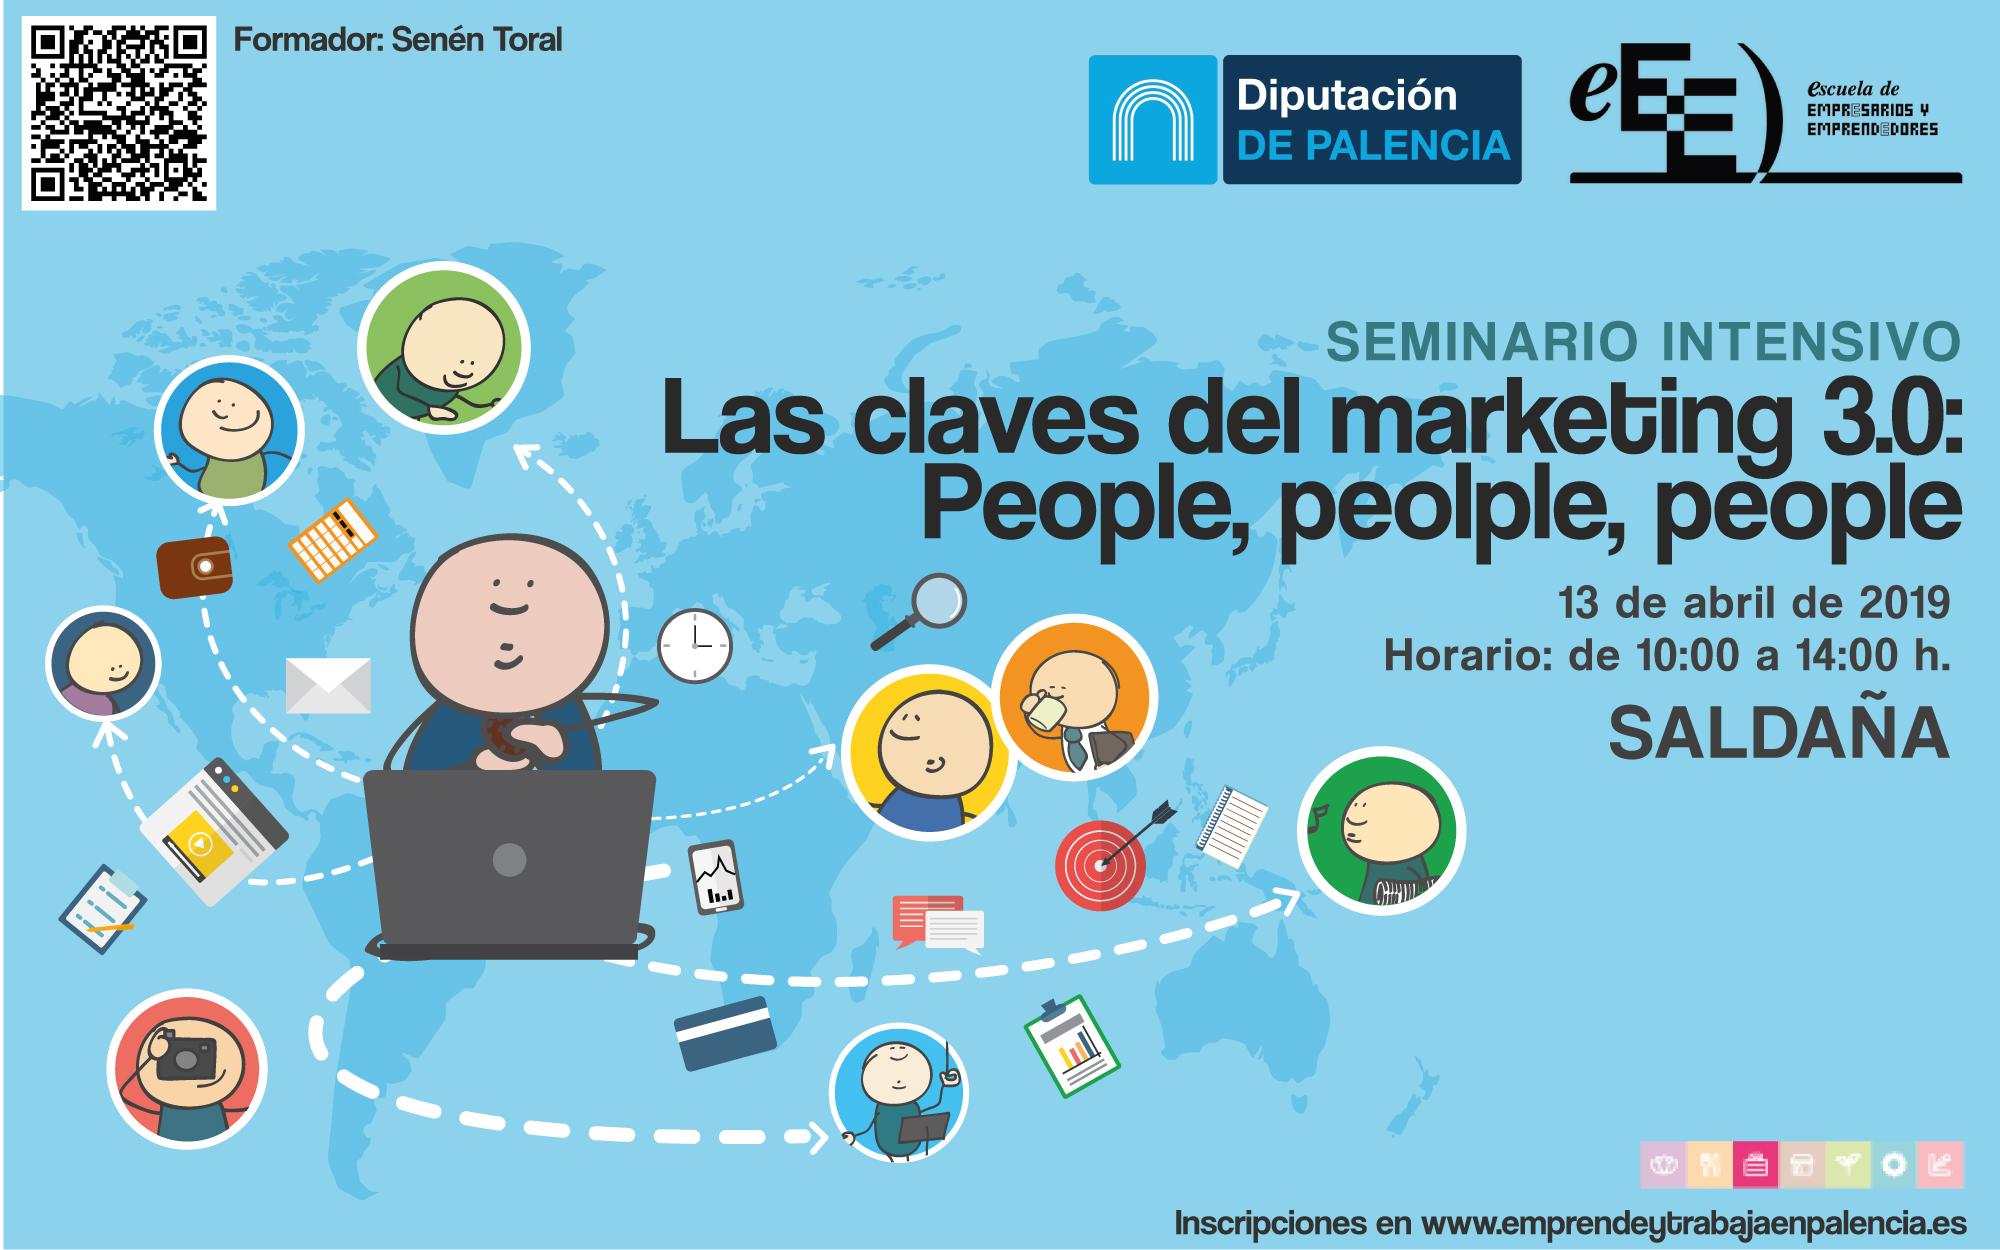 Descubre 'las claves del marketing 3.0', el próximo 13 de abril en Saldaña